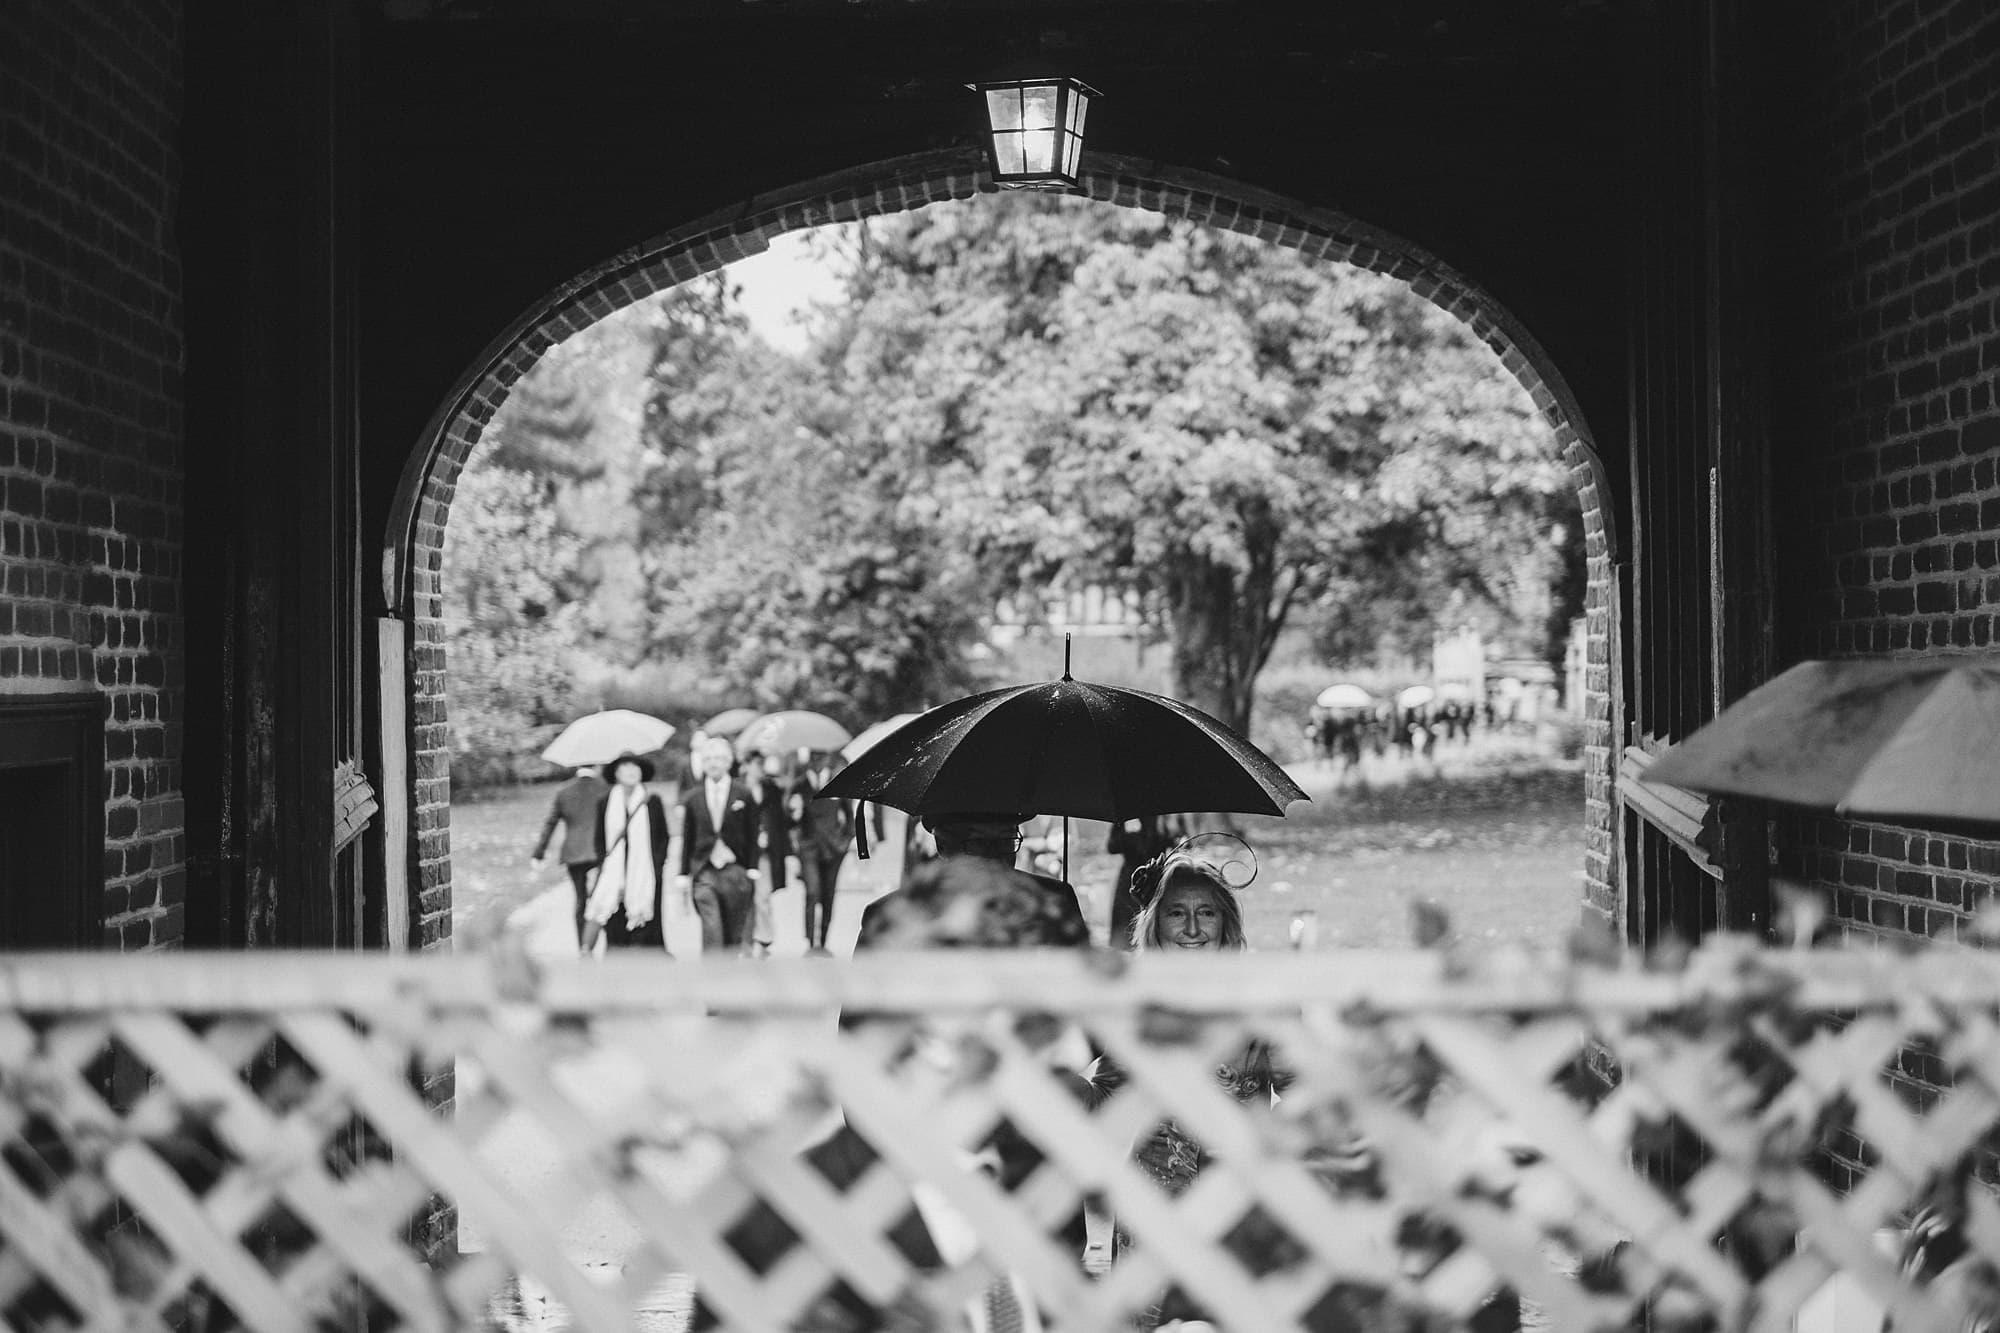 fulham palace wedding photographer ok 055 - Olivia + Kyle